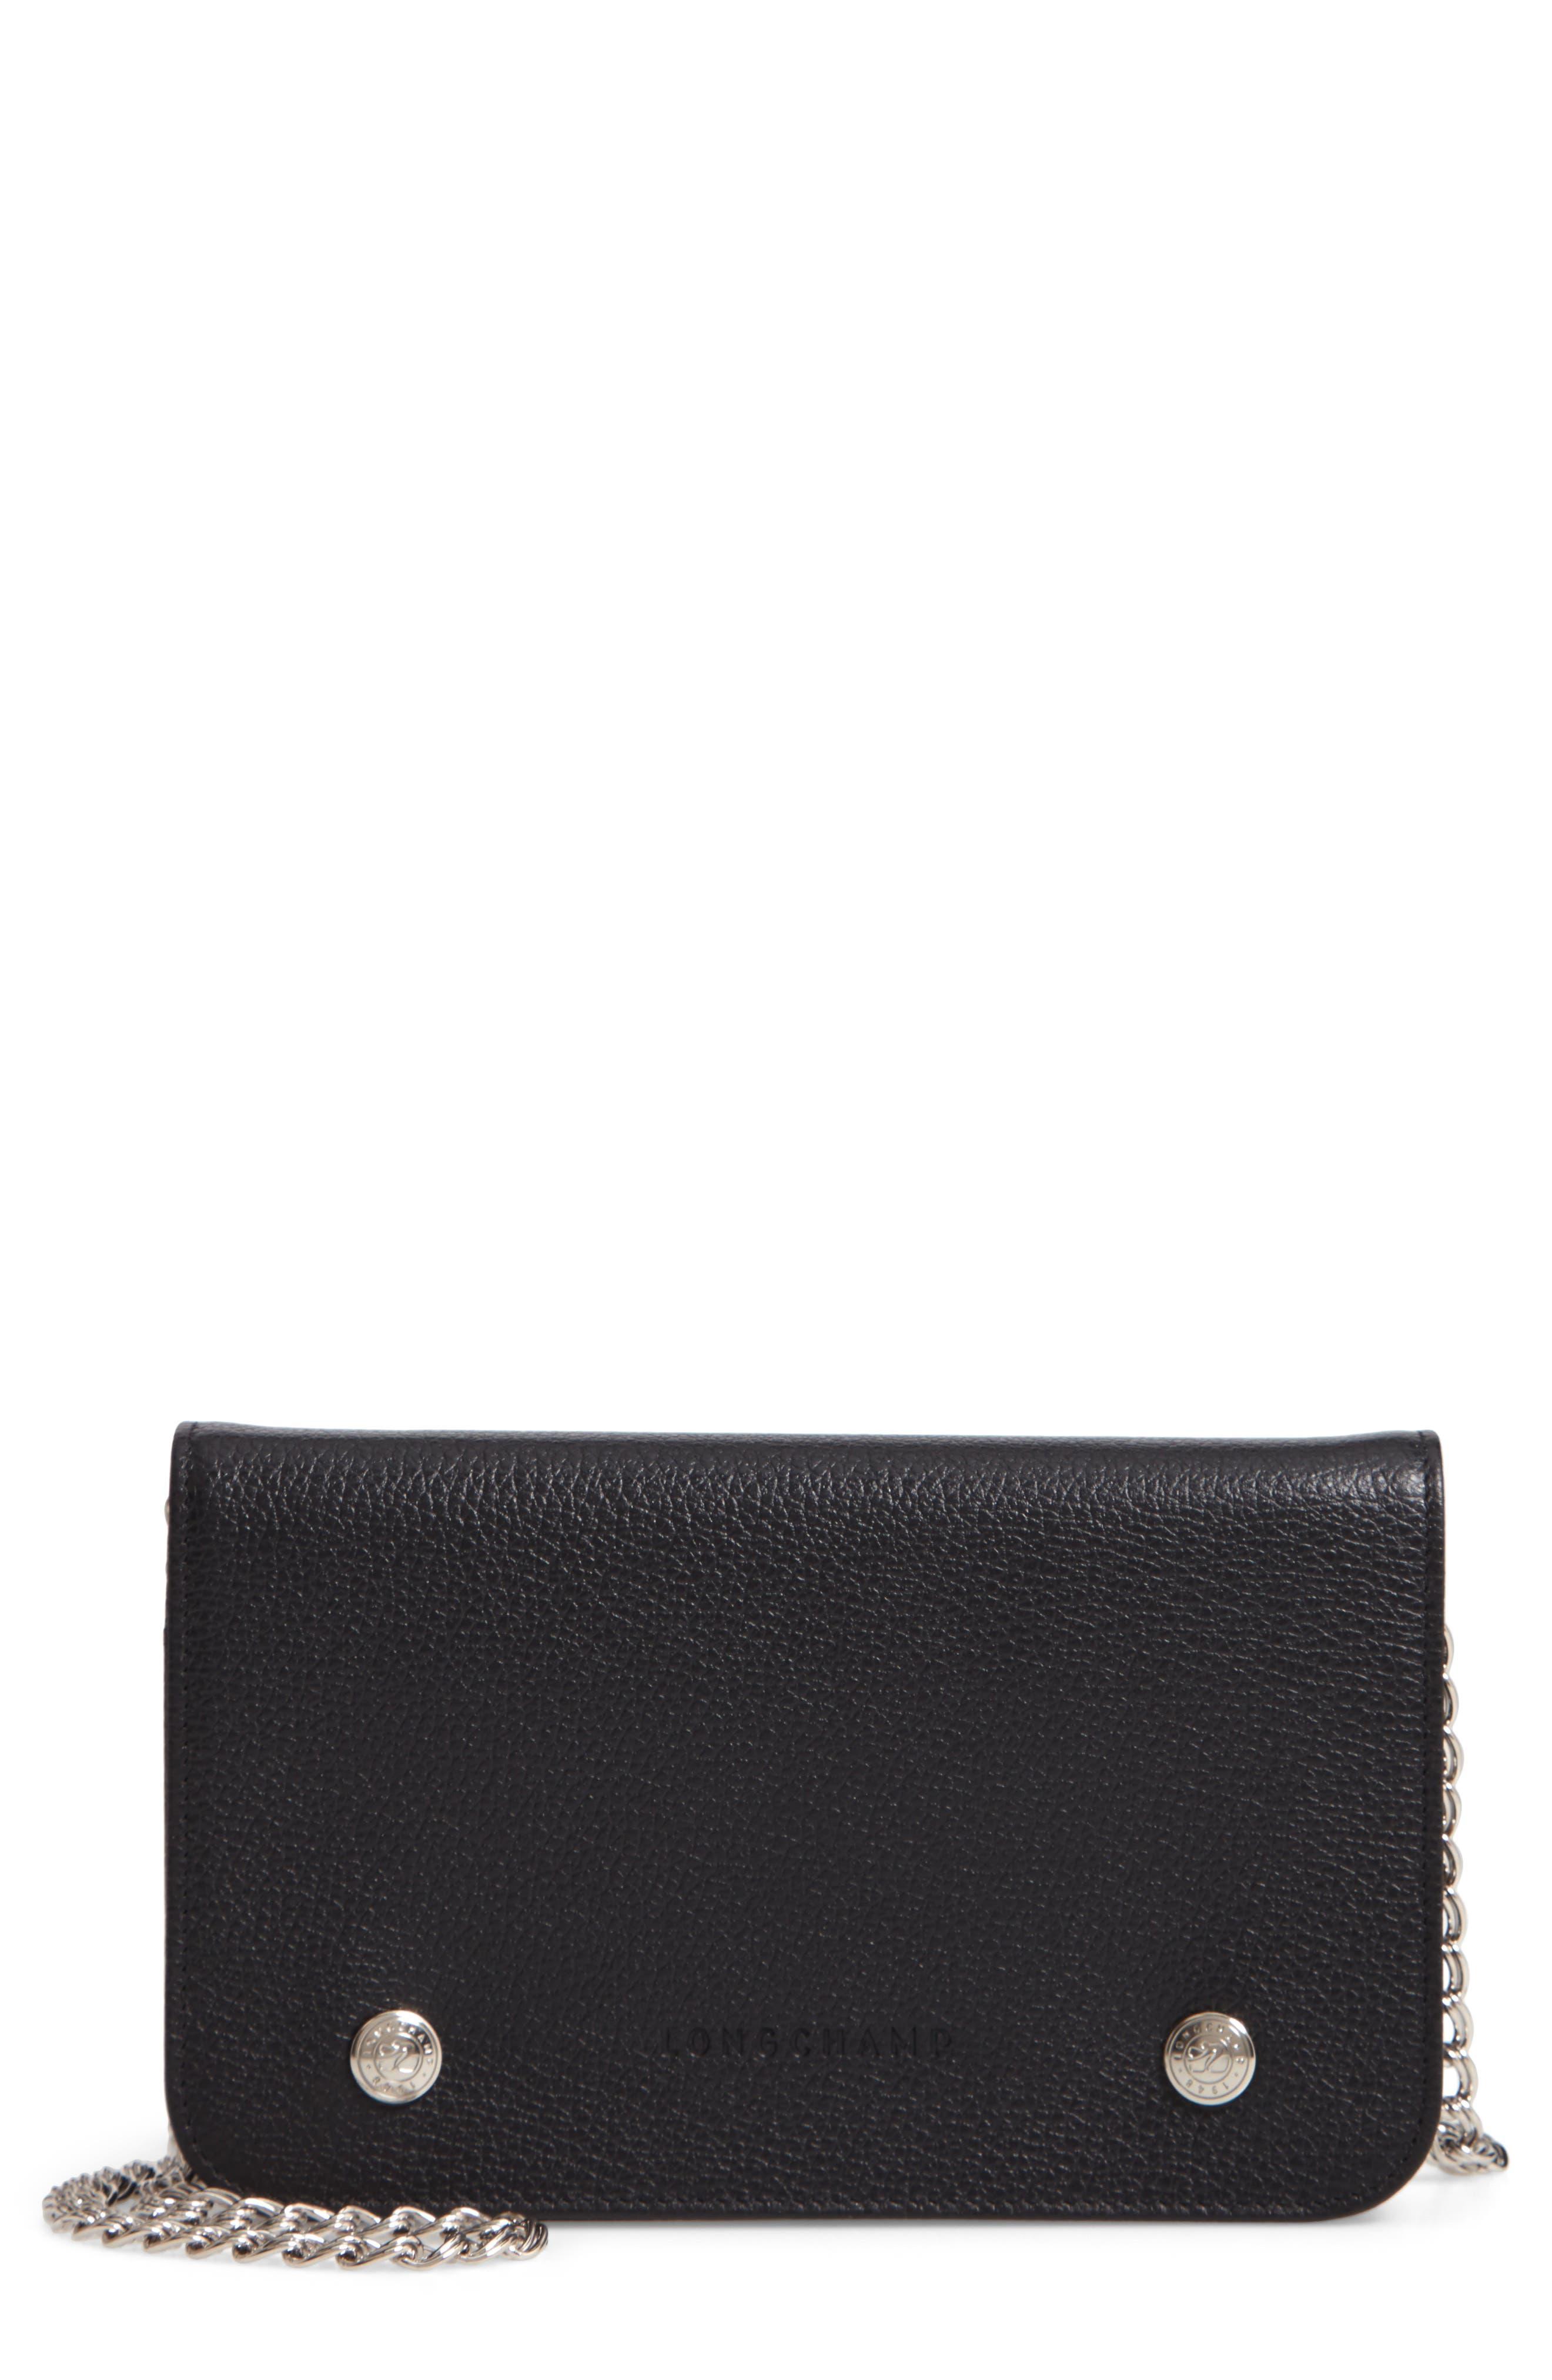 LONGCHAMP, Le Foulonné Leather Wallet on a Chain, Main thumbnail 1, color, BLACK